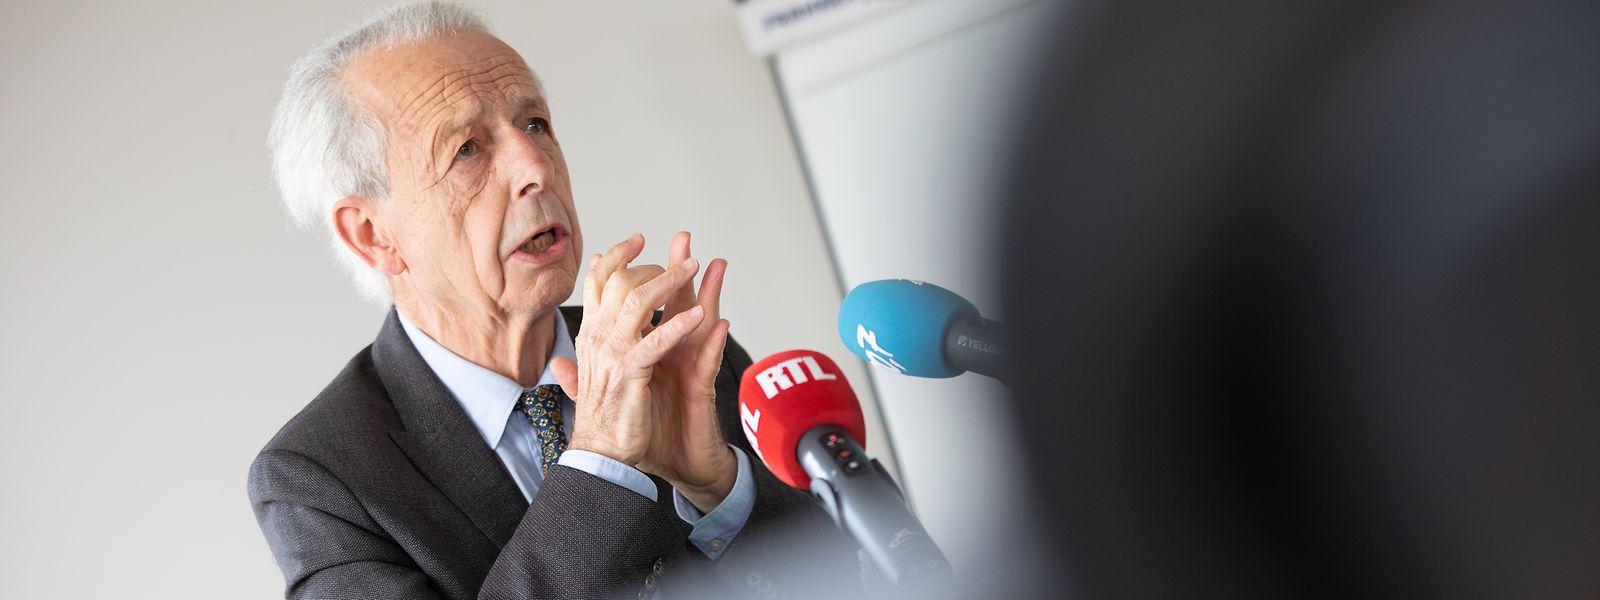 Der ehemalige Ombudsman Marc Fischbach ist zufrieden mit der politischen Begleitung des Pflegesektors.